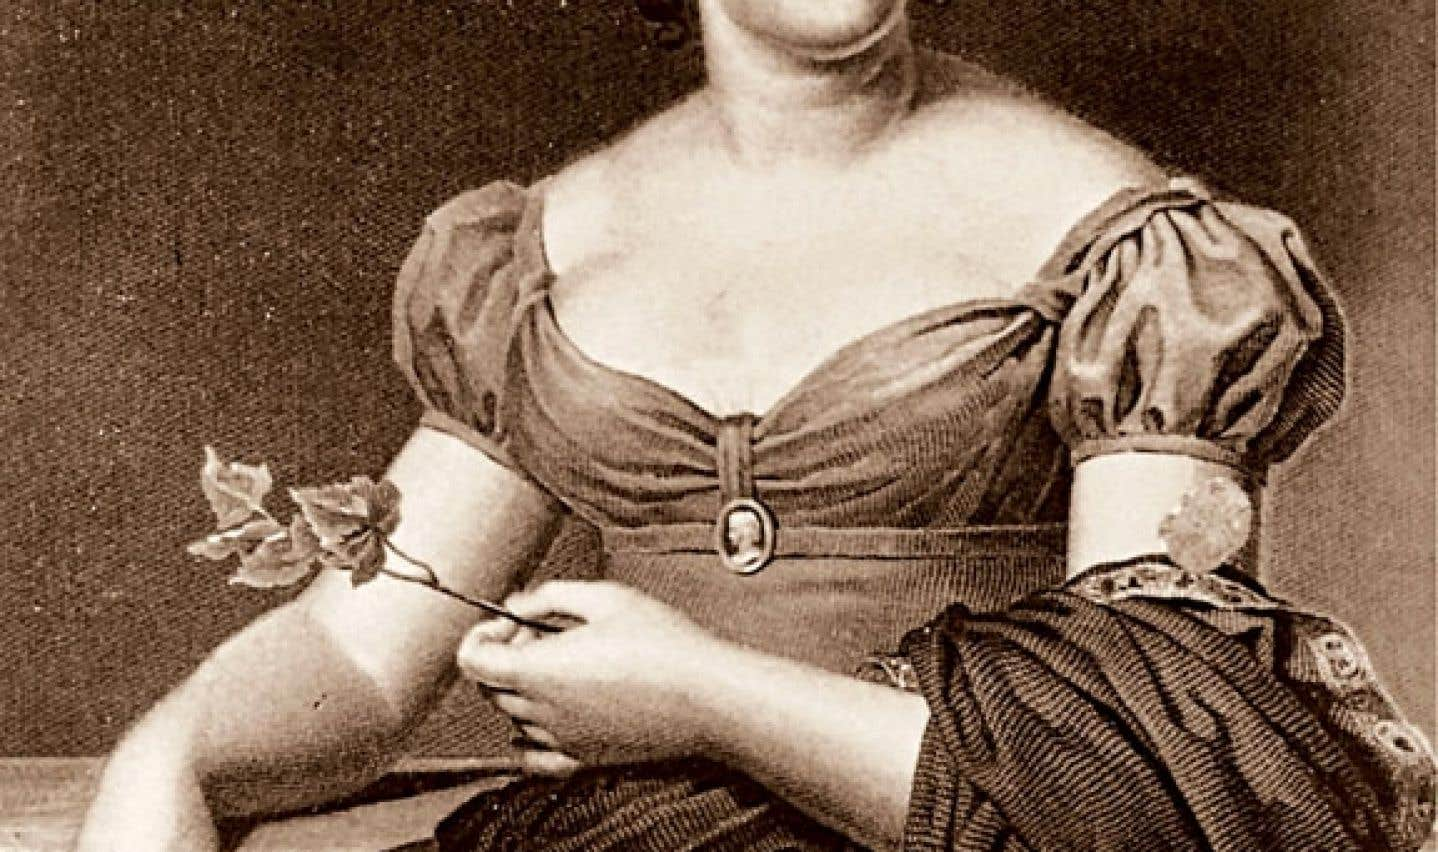 Des scandales mis au jour par la commission Gomery à ceux révélés par la commission Charbonneau, que penserait madame de Staël? Elle n'en serait pas étonnée, mais elle manifesterait sans doute son indignation, elle qui, à son époque, a fustigé la corruption et le trafic d'influence qui minaient le Directoire dans la France de1795 à1799.